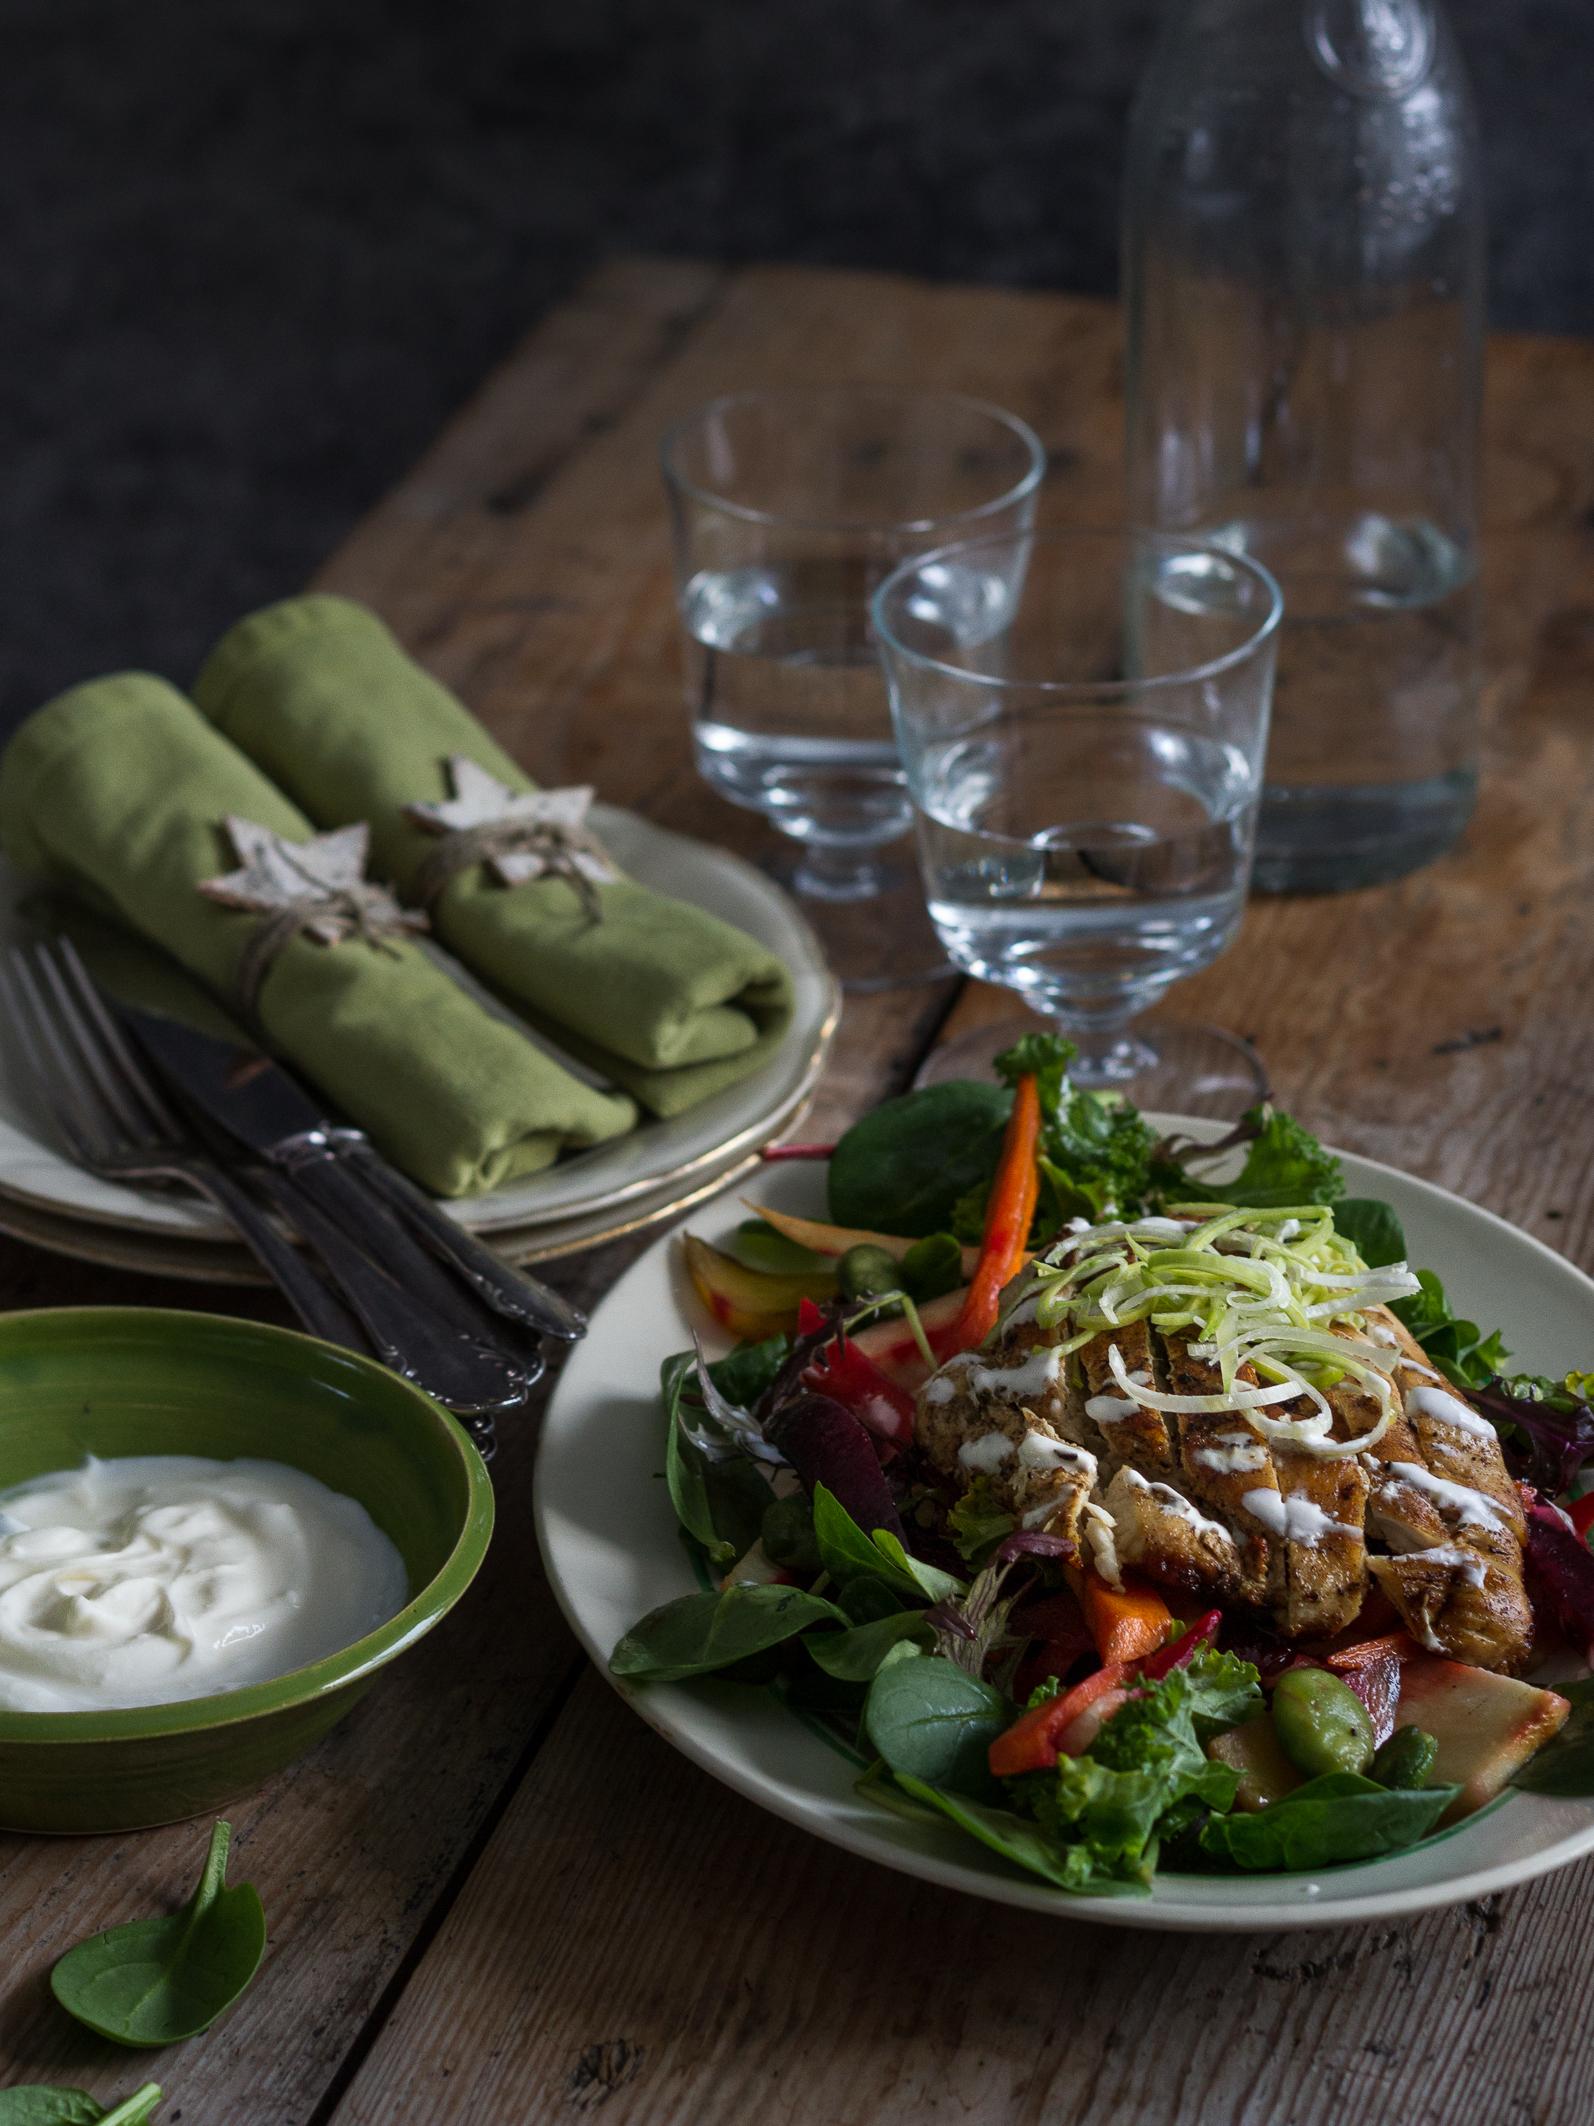 En vacker dukning med tygservetter, vackra glas och en vintrig sallad med rotsaker, kyckling och bönor. Root vegetable salad, table with beautiful glasses.